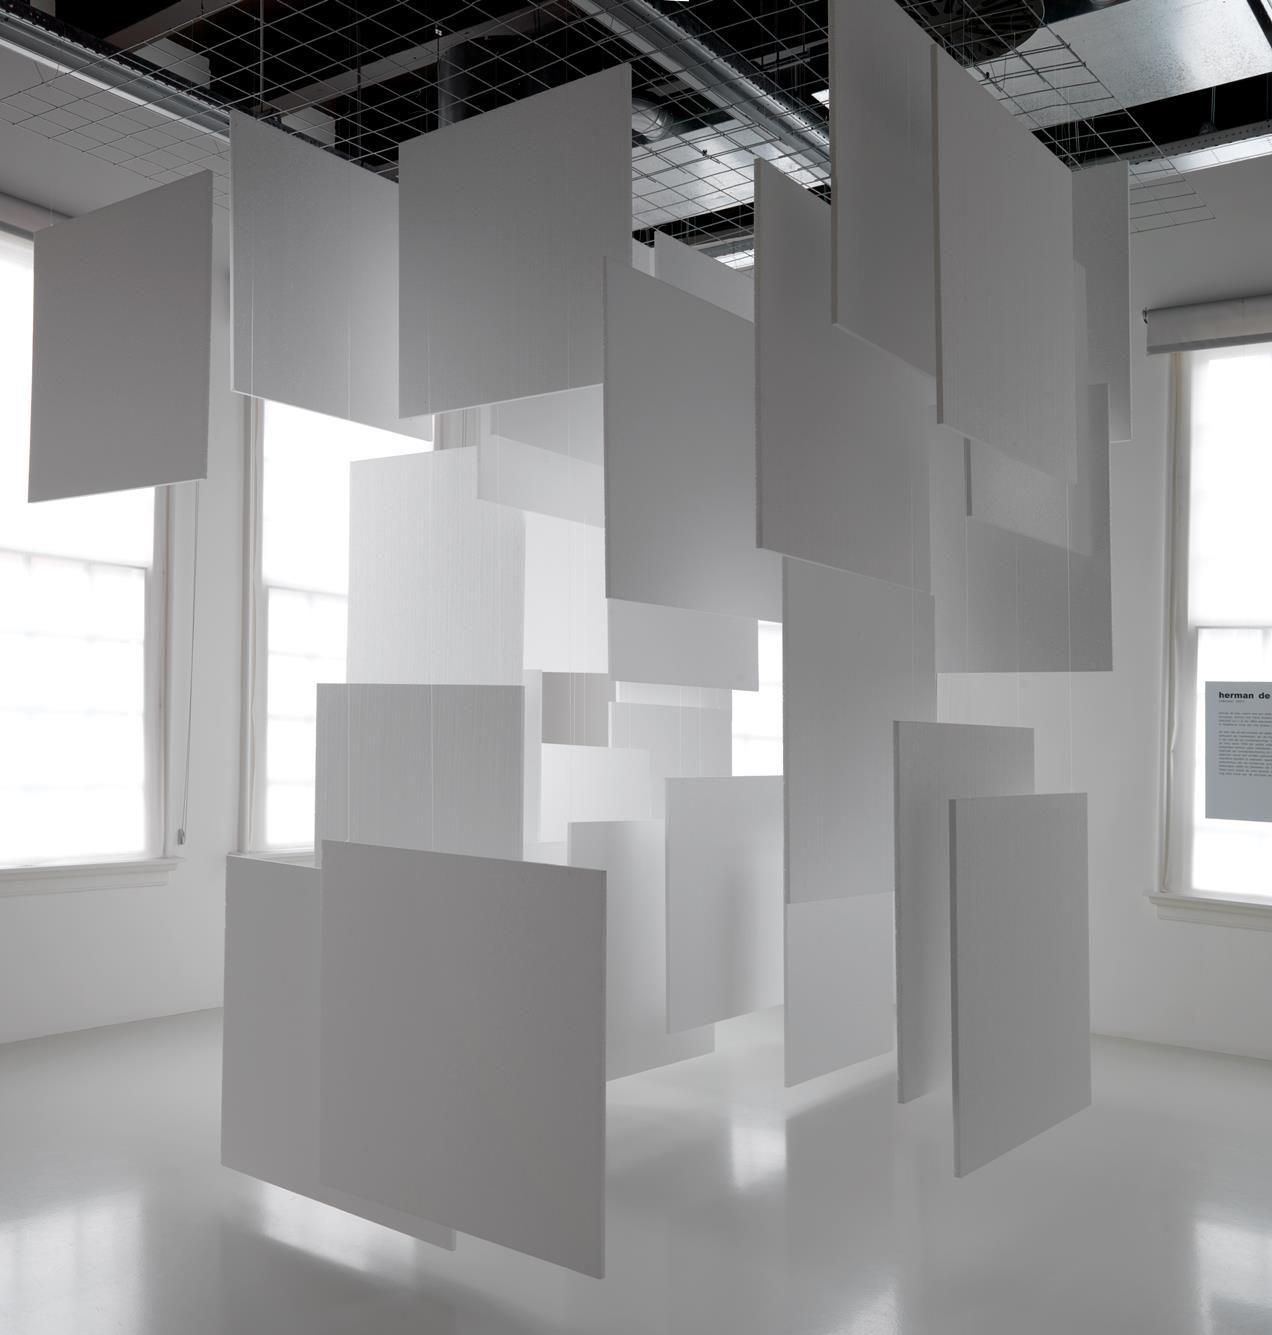 Dutch Pavilion International Art Exhibition La Biennale